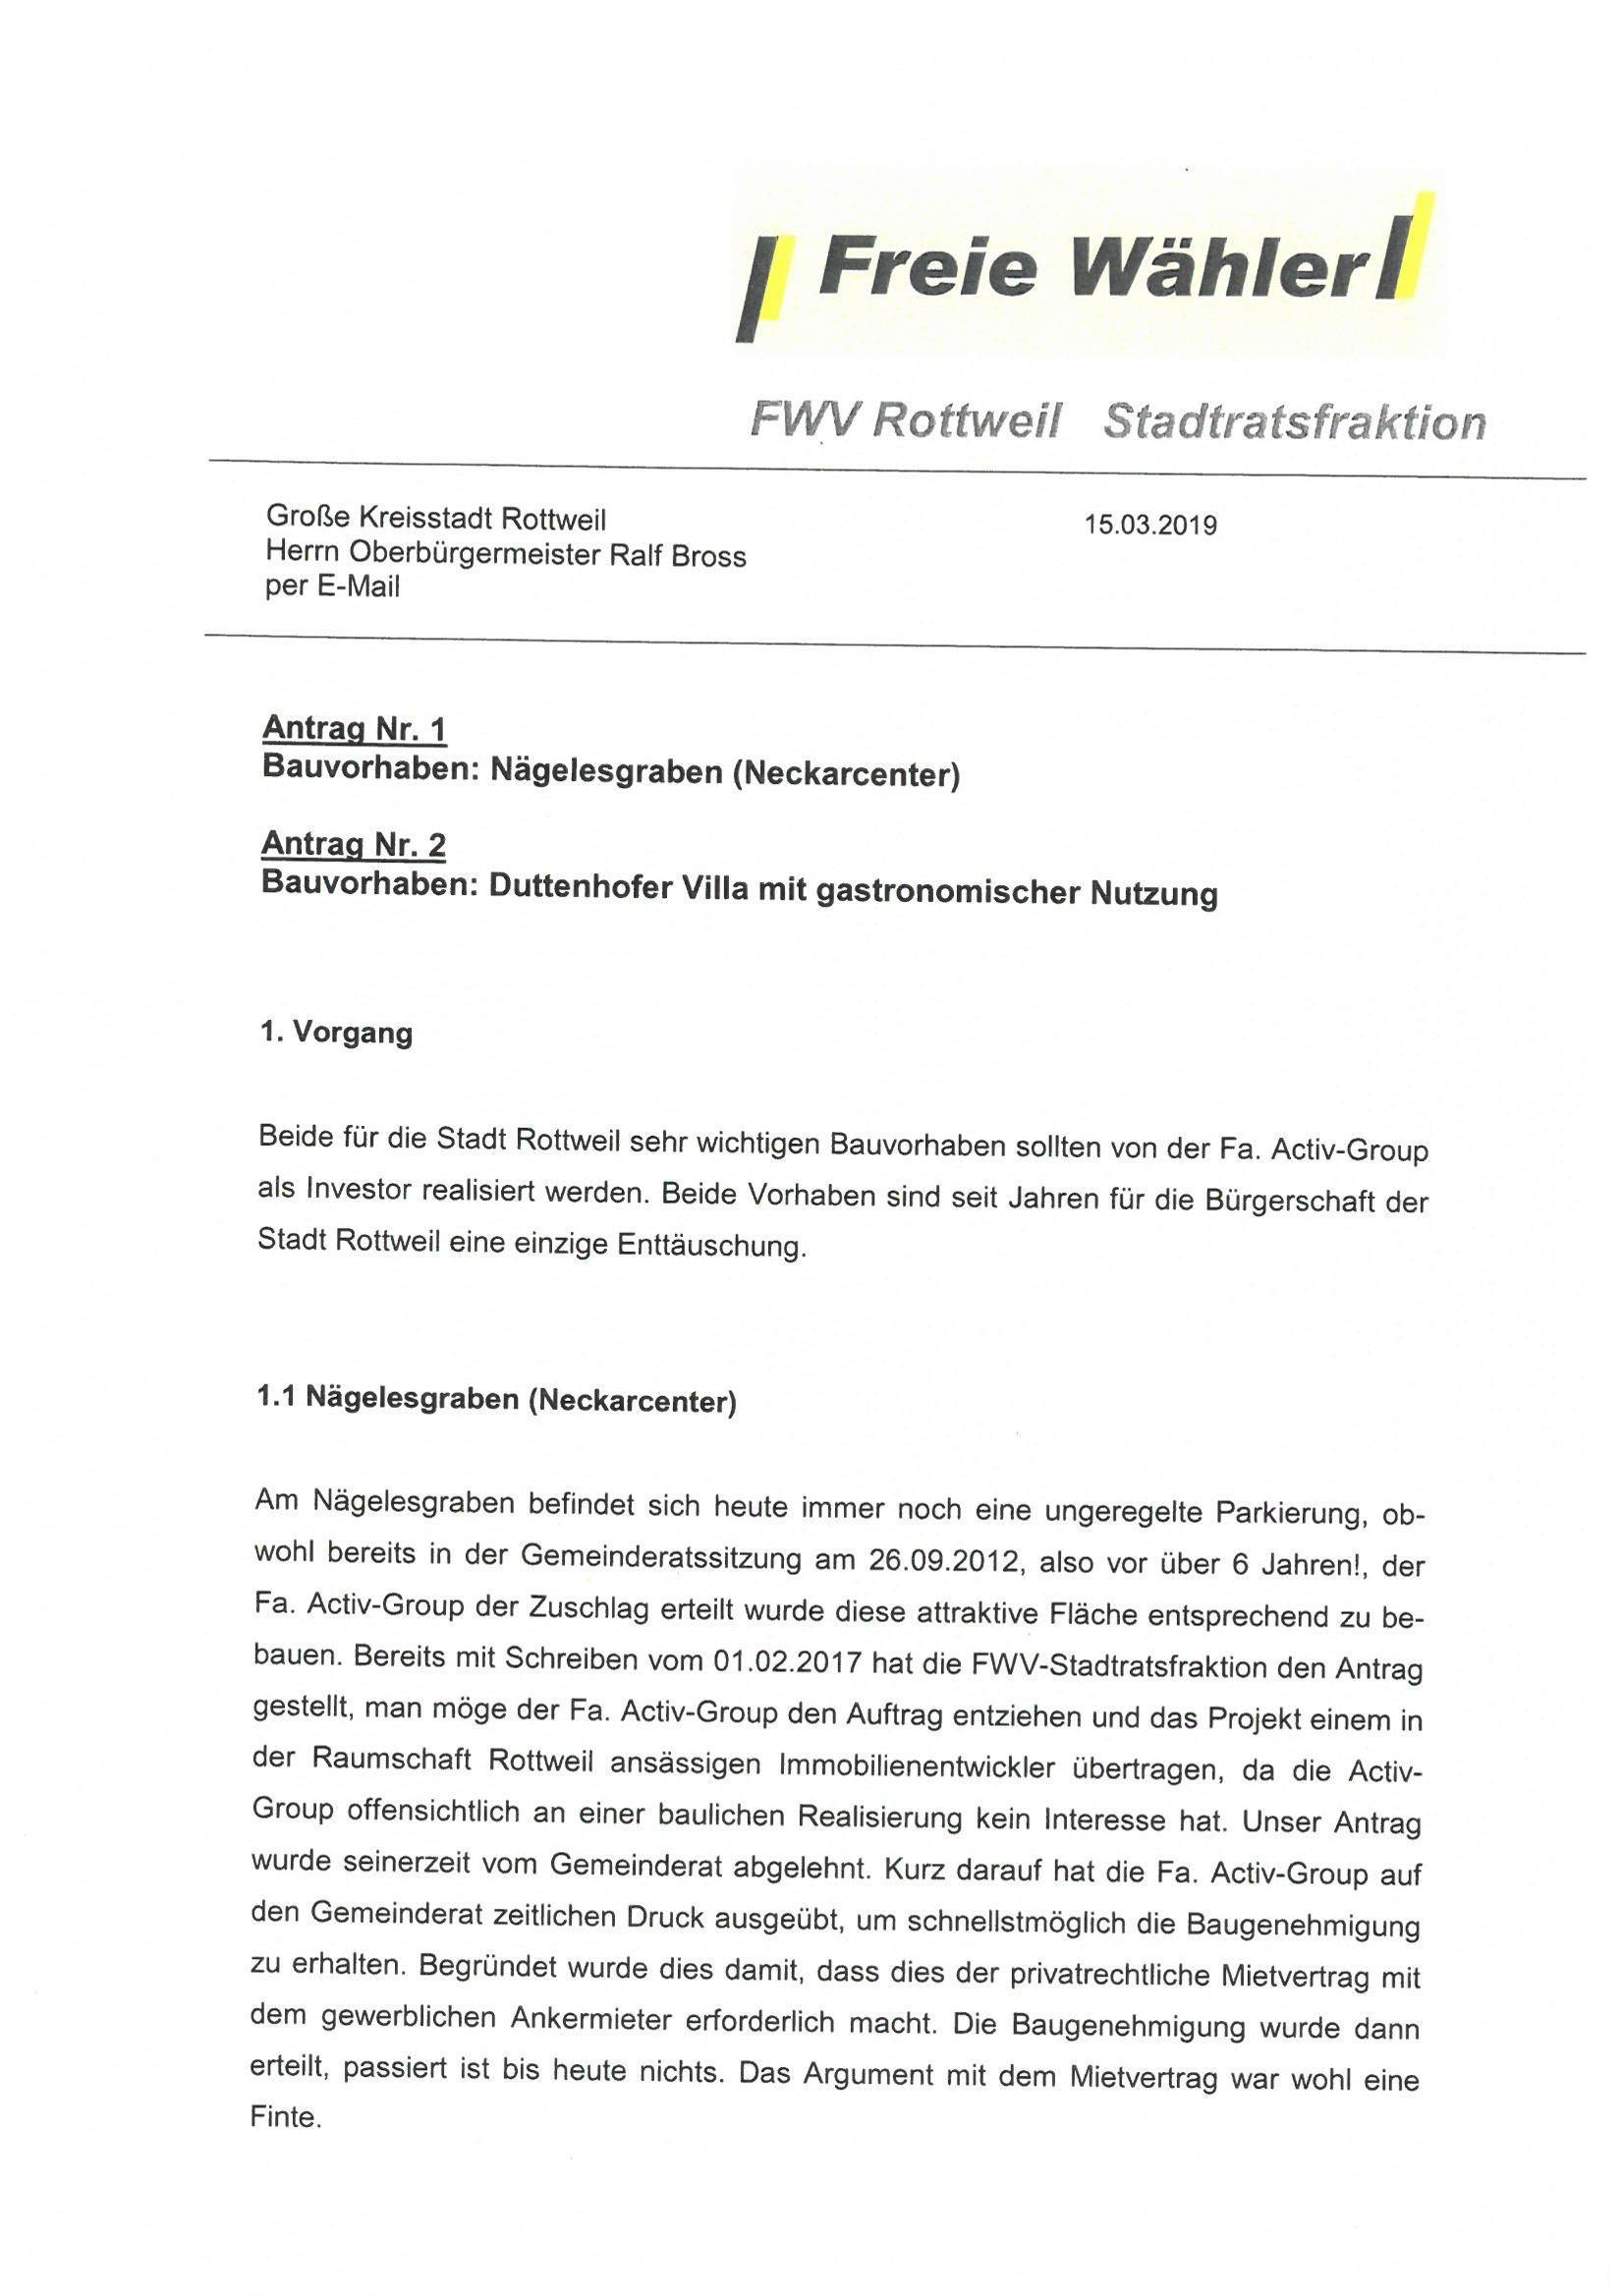 """Antrag auf Rückgabe """"Neckarcenter"""" und """"Villa Duttenhofer"""" an die Stadt Rottweil"""